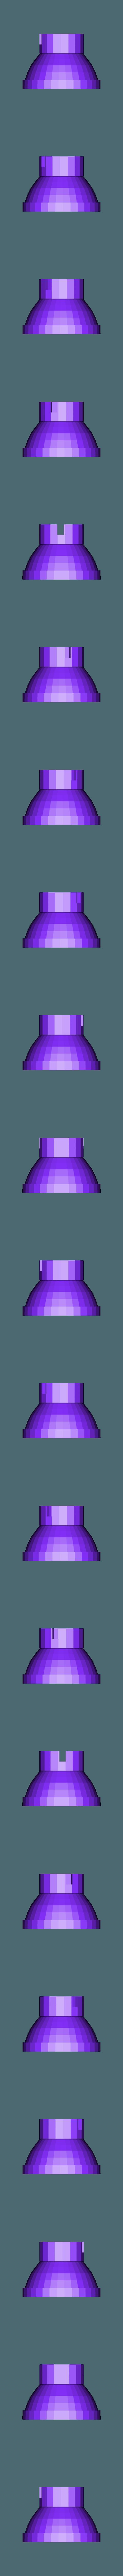 reflecteur.STL Download STL file SNCF lighting pylon • 3D printable object, dede34500